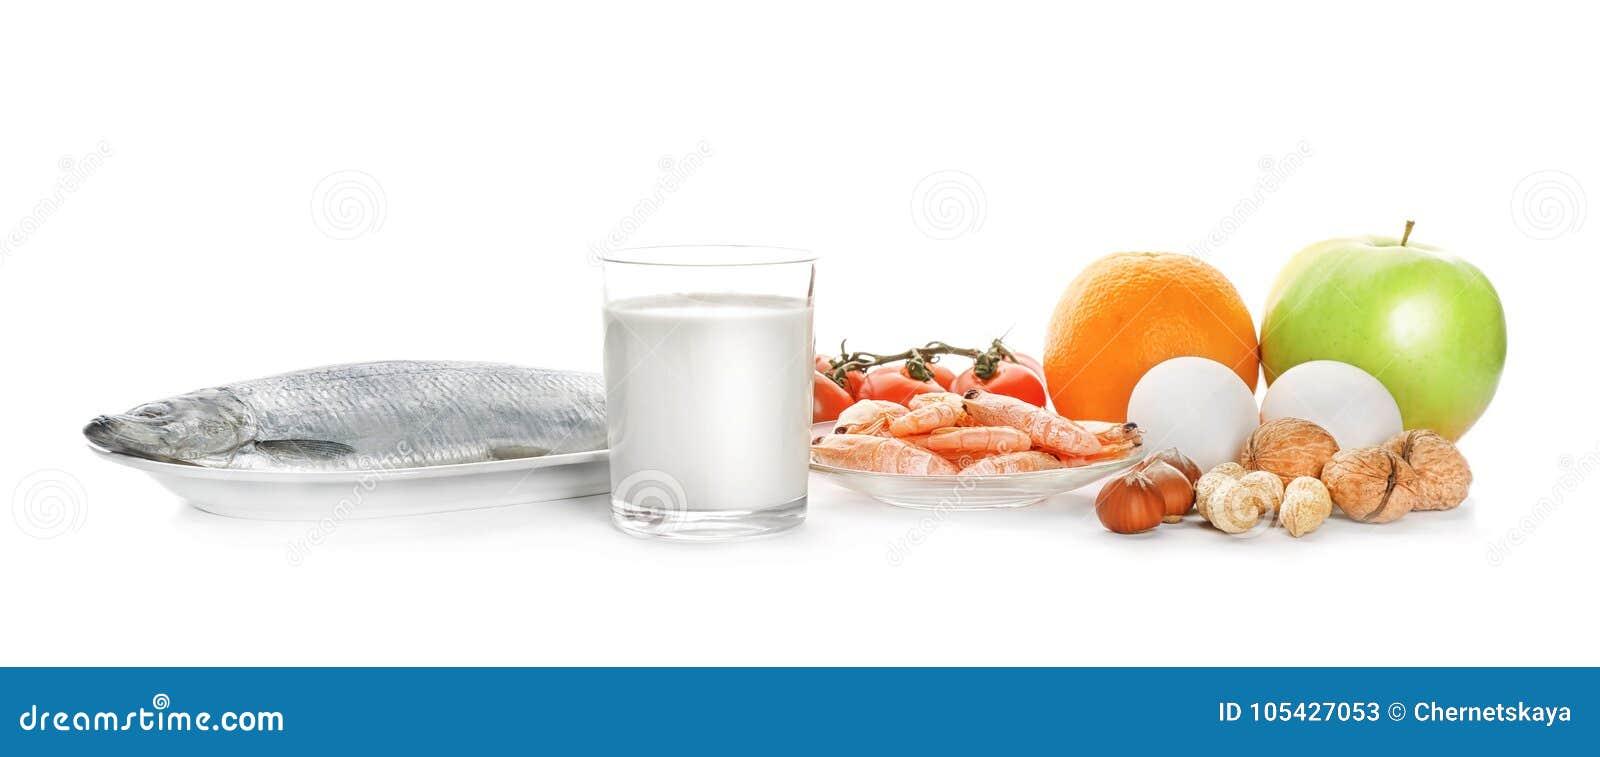 Allergy food concept. Allergic fooв